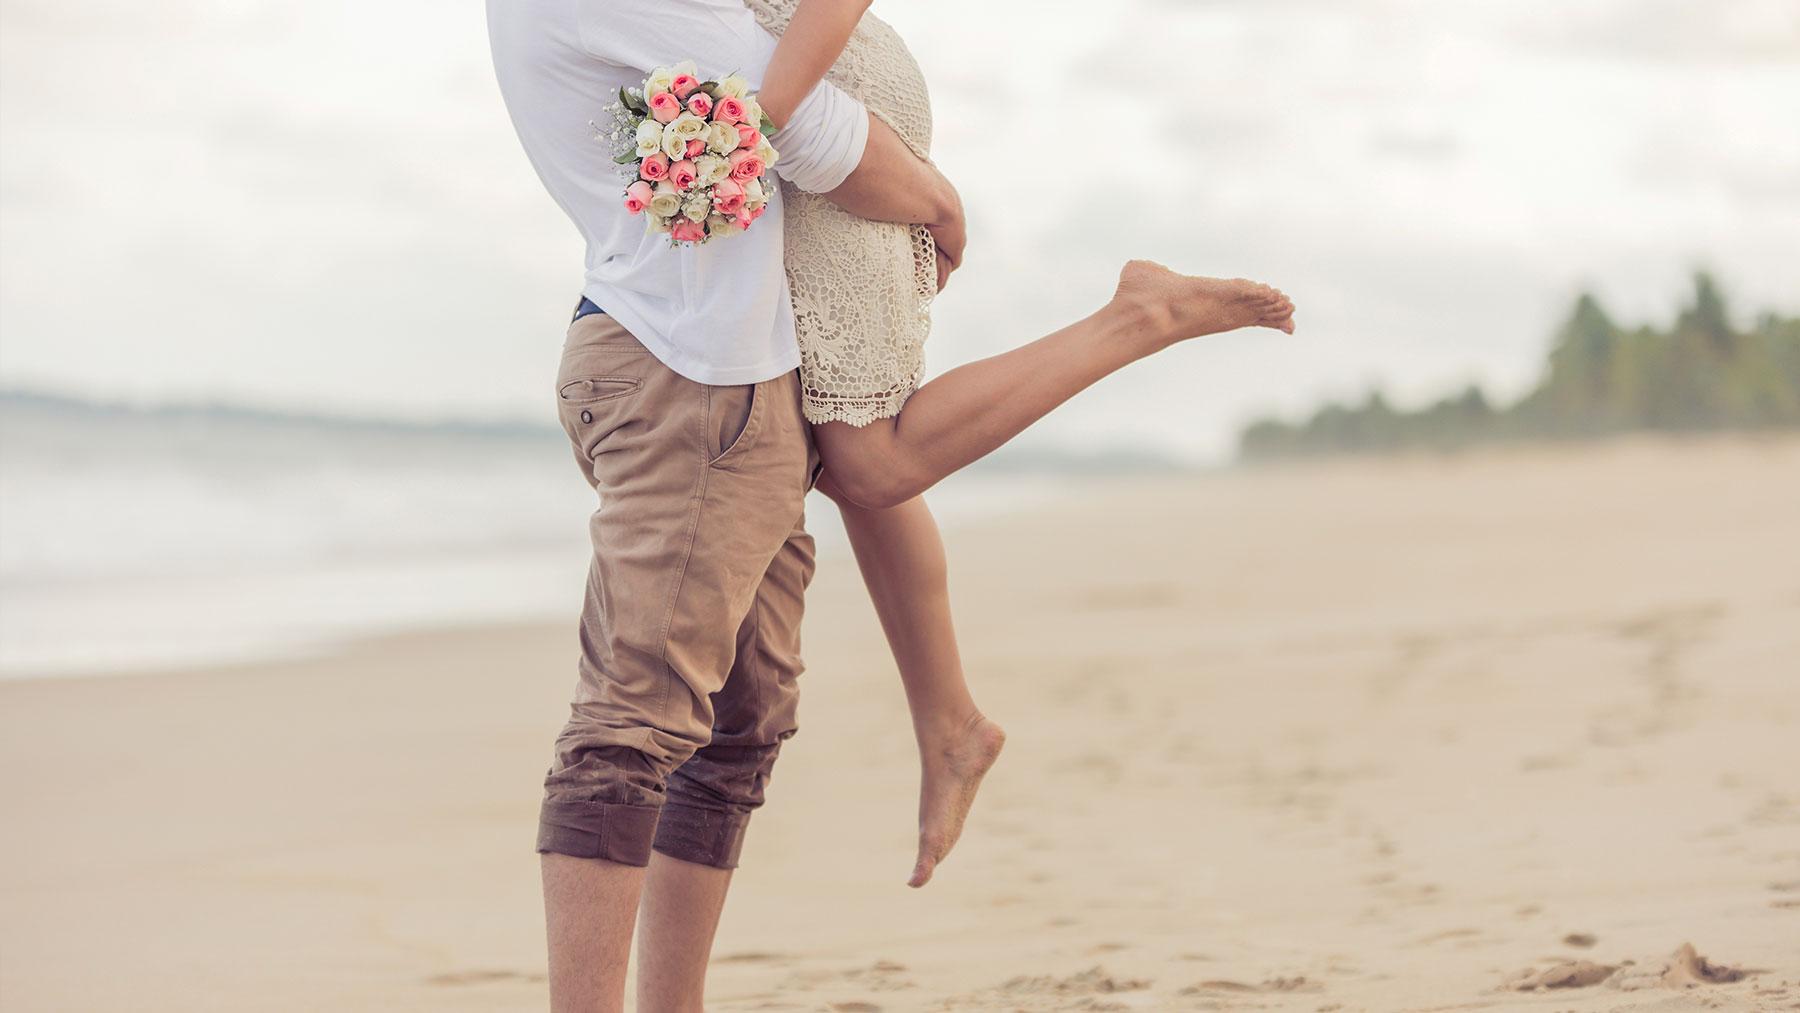 Bruidspaar op het strand. De bruidegom tilt de bruid op.